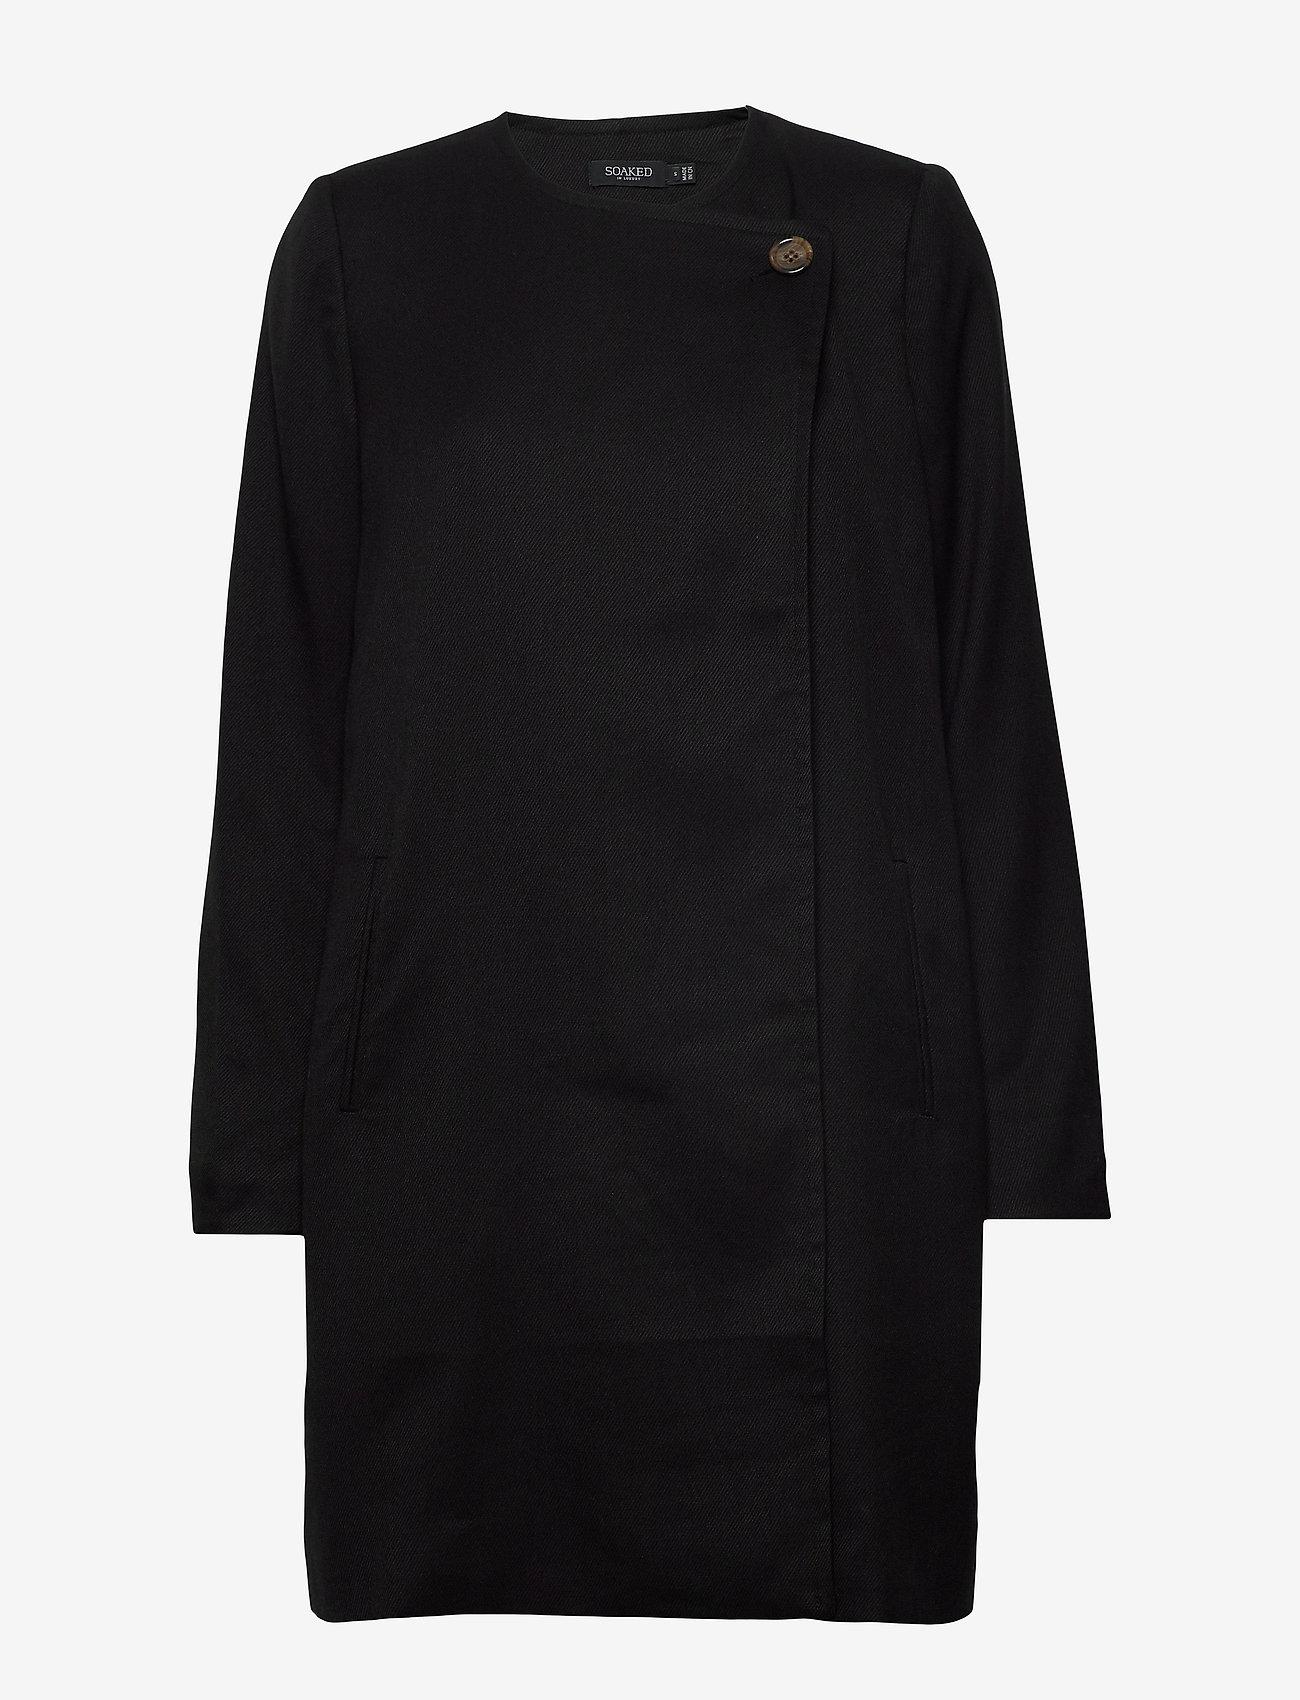 Slmerle Coat (Black) (130 €) - Soaked in Luxury 94uyt